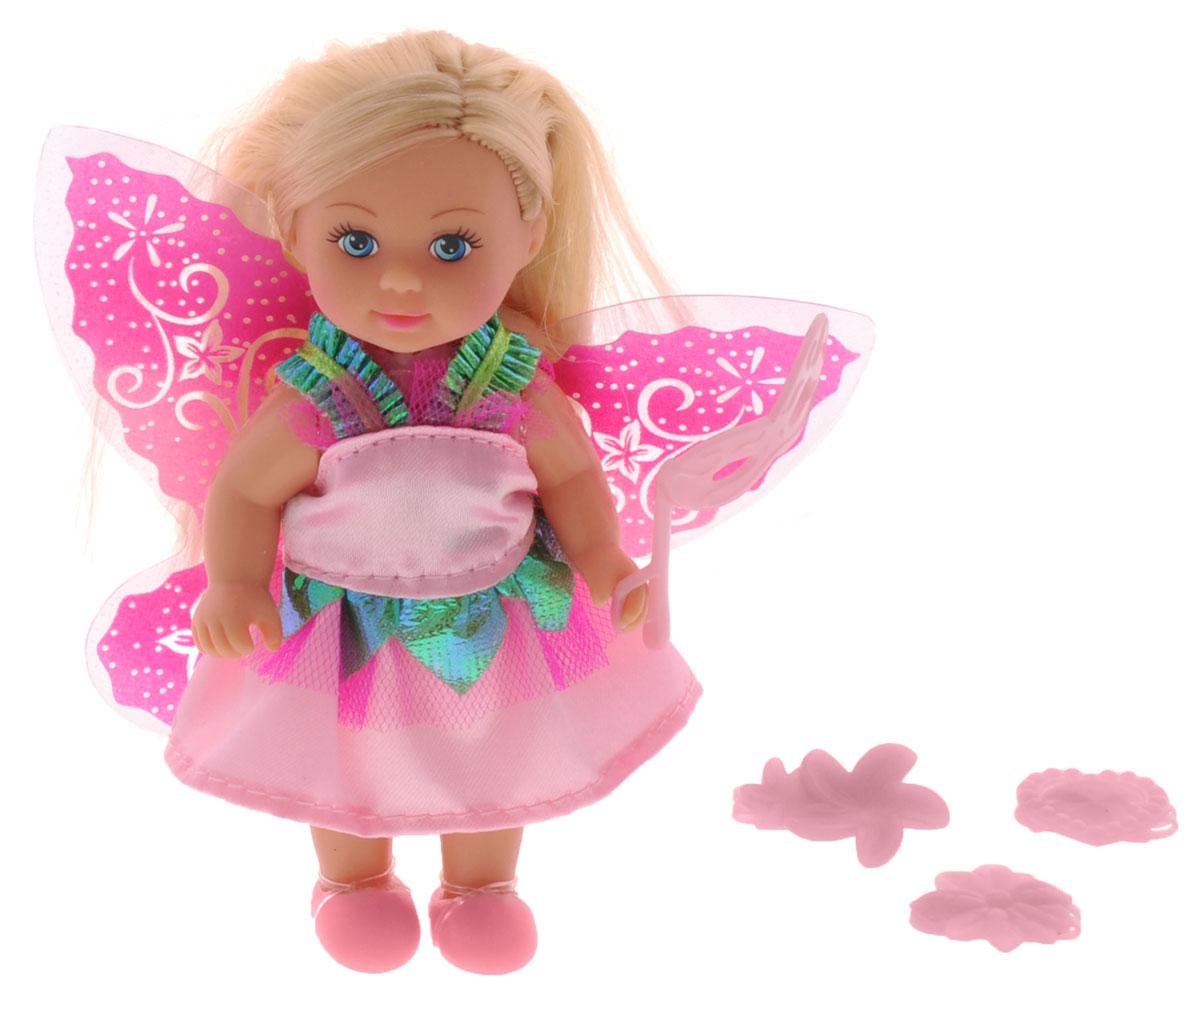 Simba Мини-кукла Еви-фея цвет платья розовый5736592_розовое платьеМини-кукла Simba Еви-фея порадует любую девочку и поможет ей погрузиться в сказочный мир волшебства. В комплект входит кукла Еви и стильные аксессуары. Кукла одета в длинное платье, украшенное блестящими вставками, на ногах у нее - удобные ботиночки. За спиной Еви - прекрасные крылья феи. Вашей дочурке непременно понравится заплетать длинные белокурые волосы куклы, придумывая разнообразные прически. В комплект также входит маскарадная маска и 3 заколки: в виде звездочек, сердечка и бантика. Заколки, крылья, ботинки и маска светятся в темноте. Руки, ноги и голова куклы подвижны, благодаря чему ей можно придавать разнообразные позы. Игры с куклой способствуют эмоциональному развитию, помогают формировать воображение и художественный вкус, а также разовьют в вашей малышке чувство ответственности и заботы. Великолепное качество исполнения делают эту куколку чудесным подарком к любому празднику.